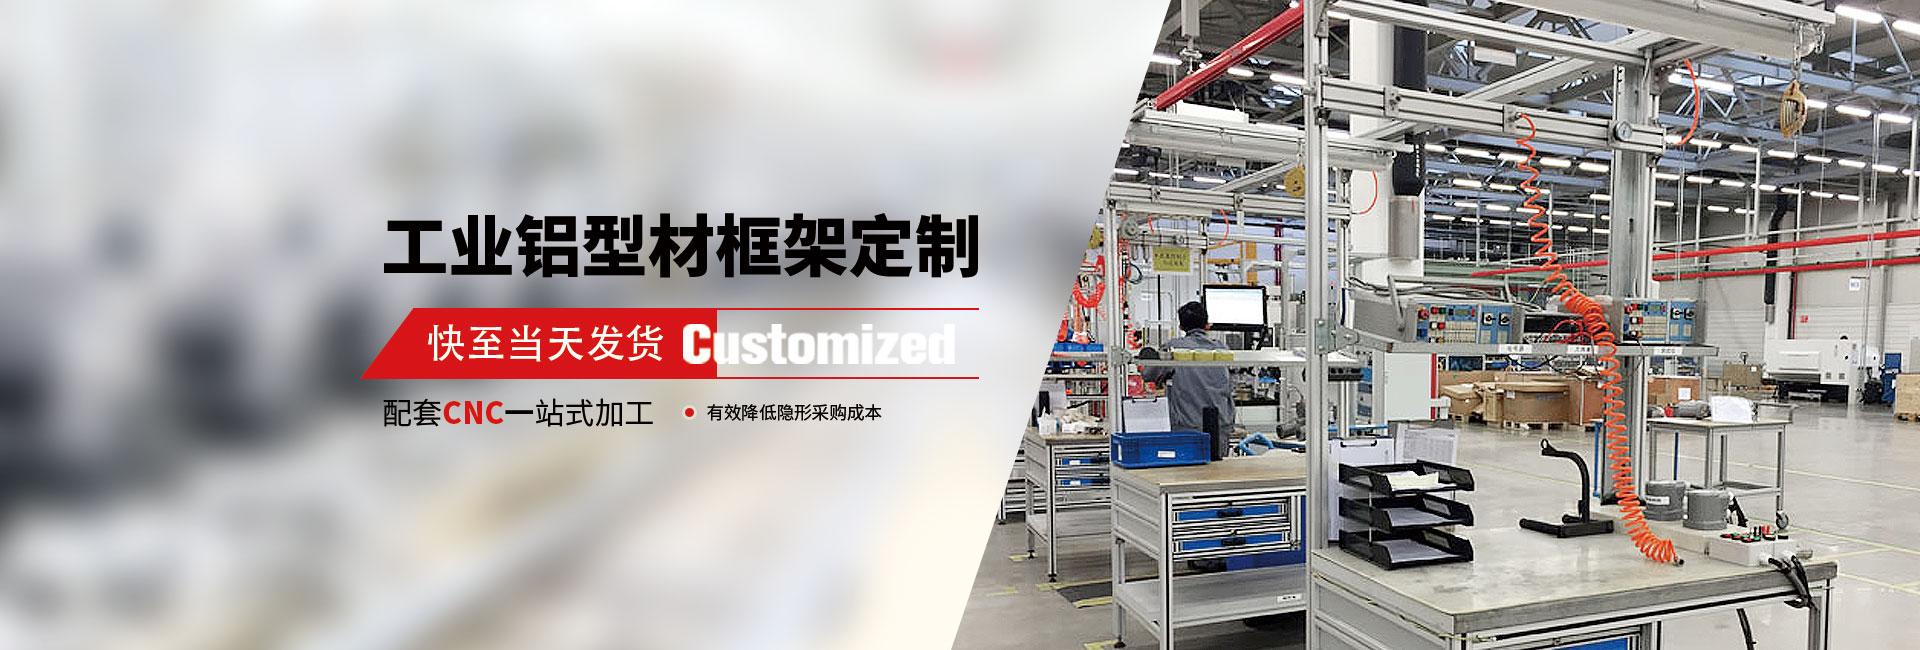 澳宏工业铝型材专业定制